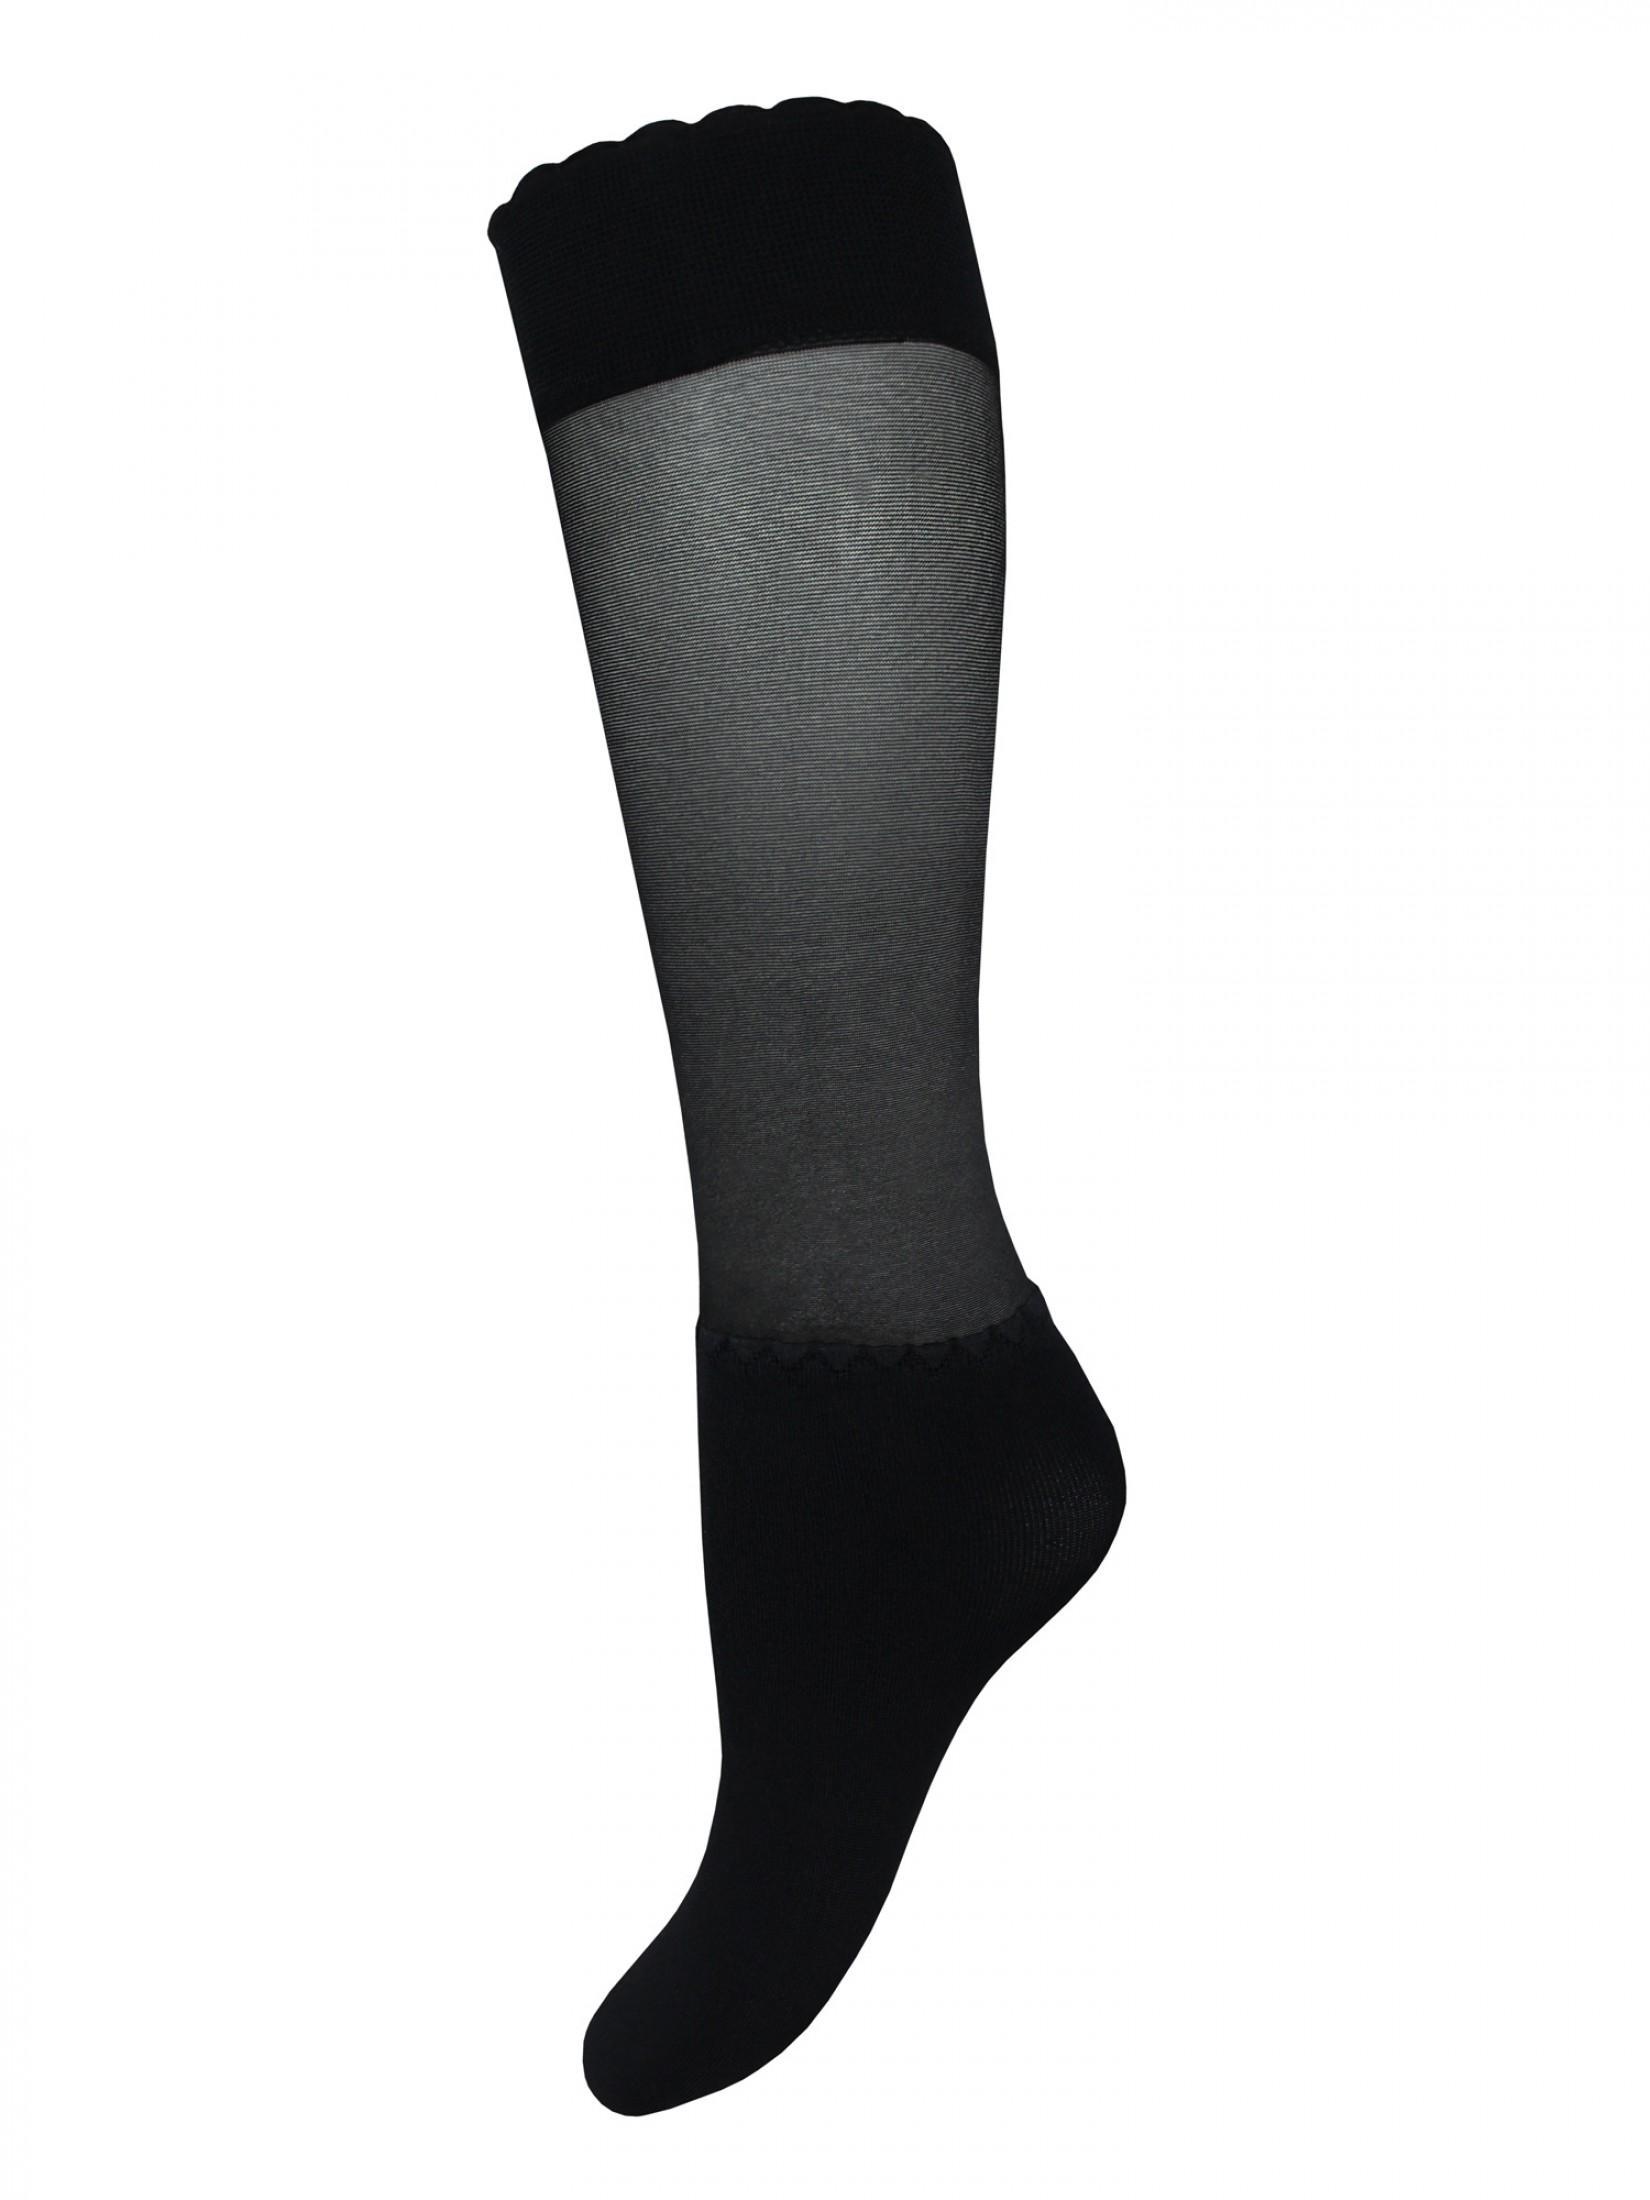 Капроновые носки женские Mademoiselle Sapporo (с) черные UNICA